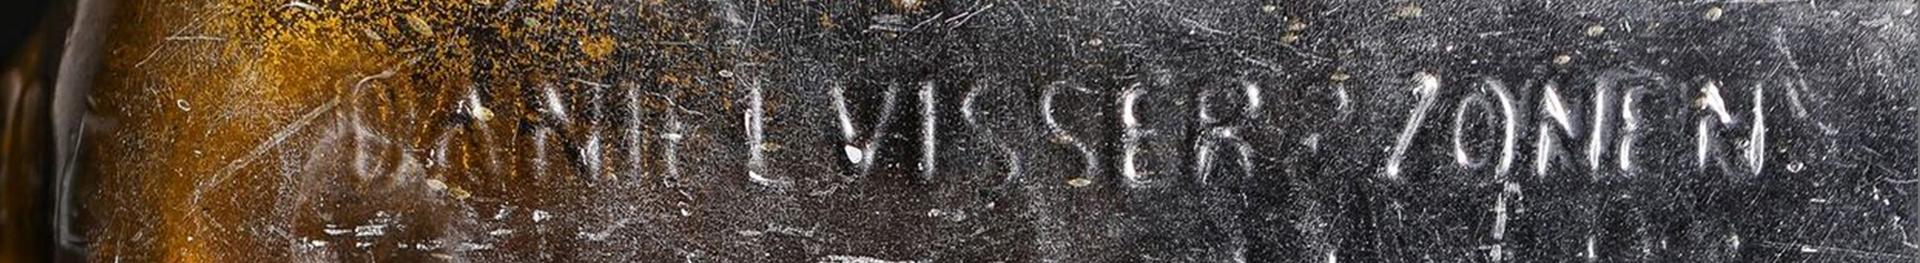 Los Illman contactaron con el Museo de Australia Occidental y el arqueólogo marítimo Ross Anderson averiguó que era una botella de ginebra holandesa del siglo XIX